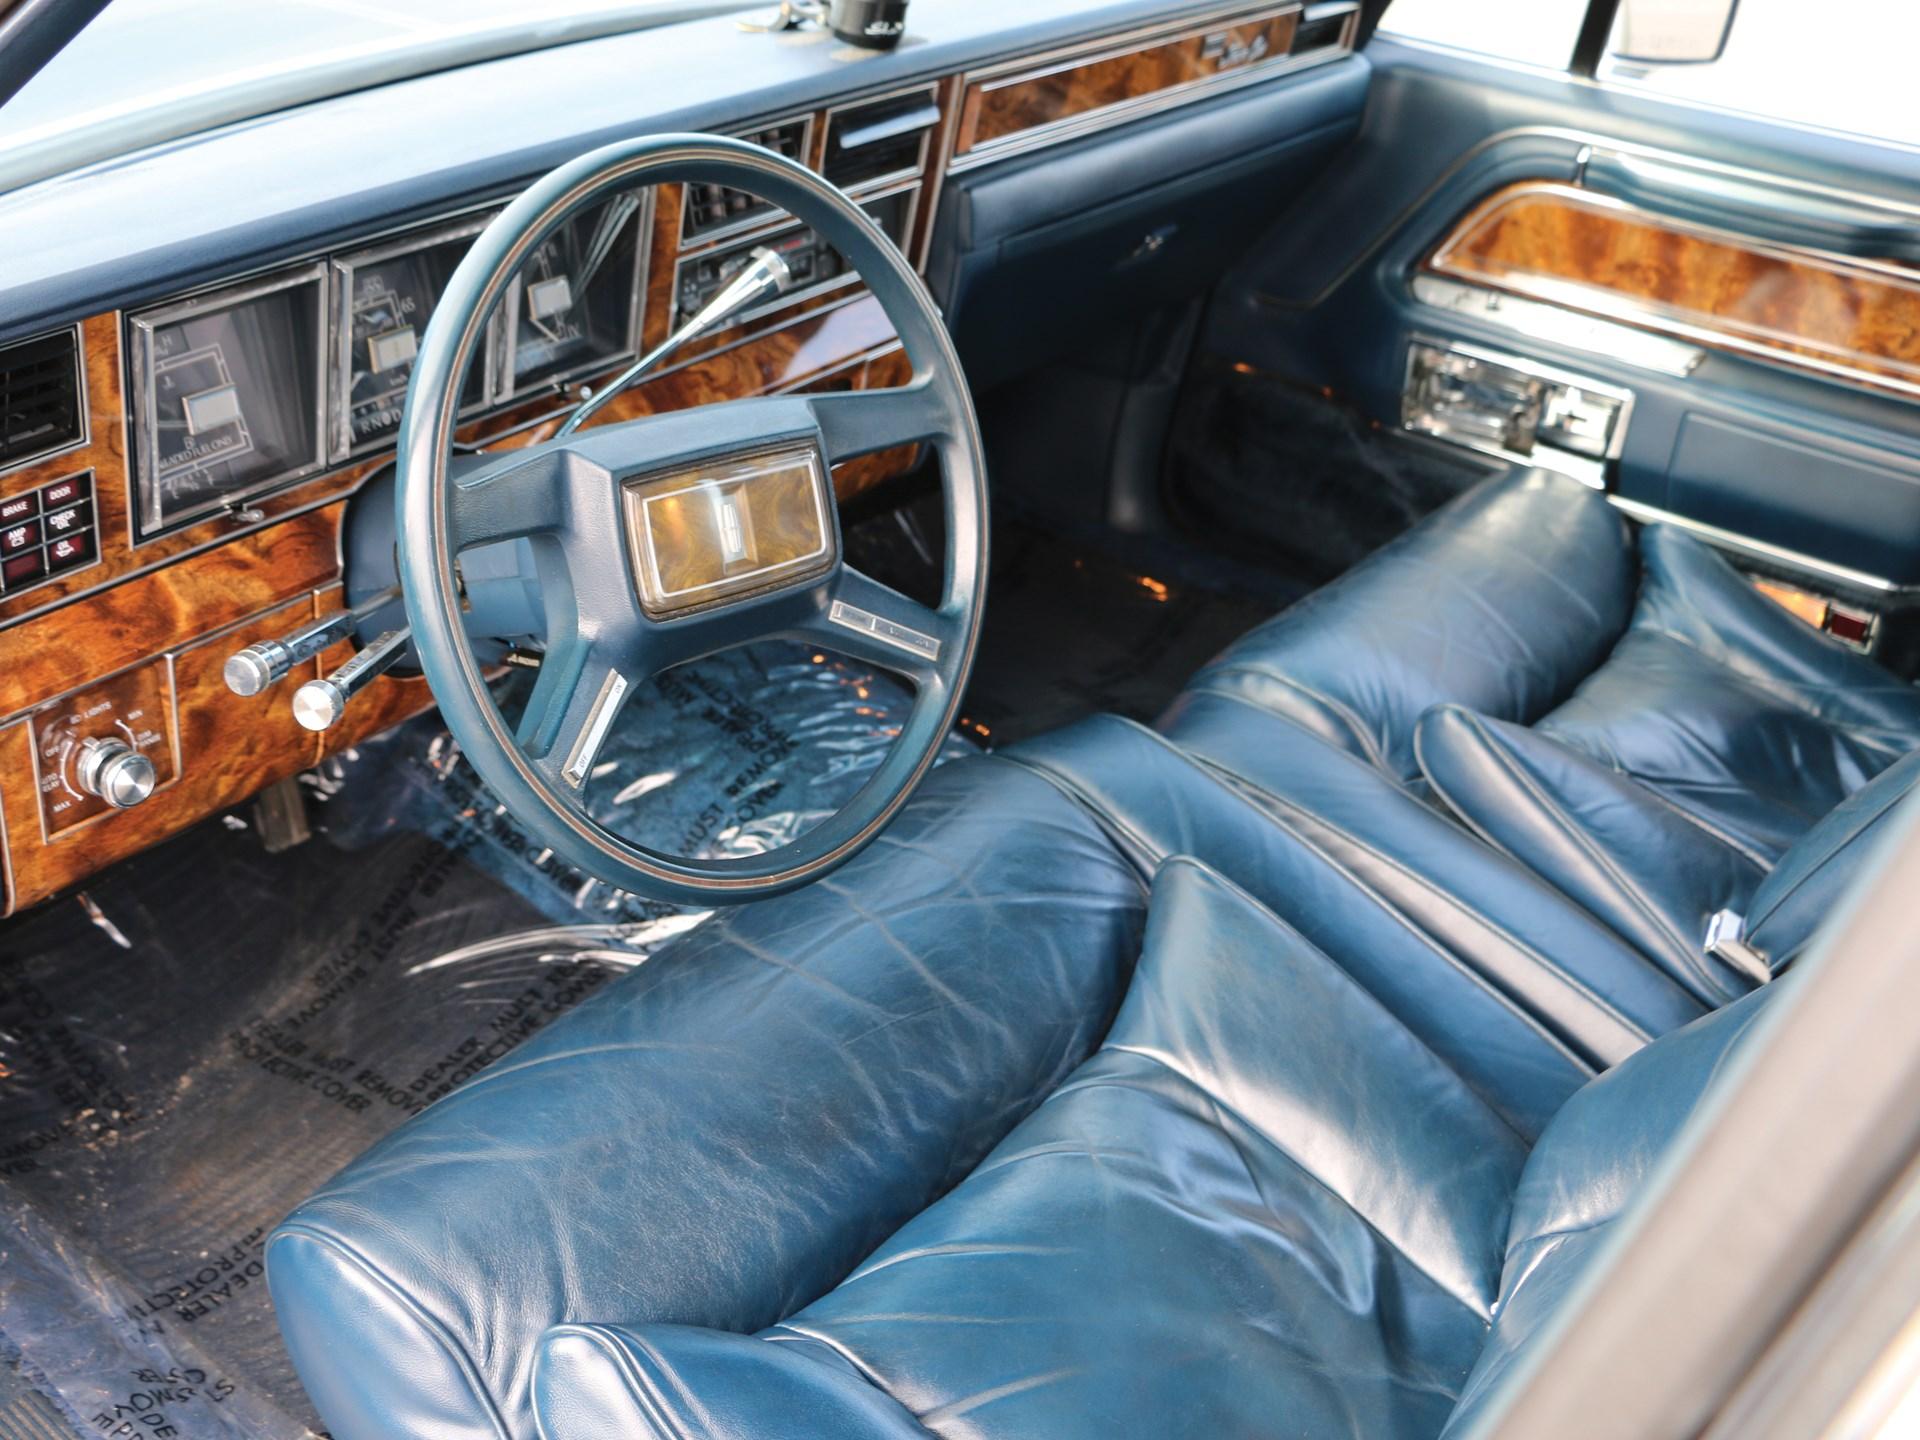 RM Sotheby's - 1984 Lincoln Town Car   Auburn Spring 2018